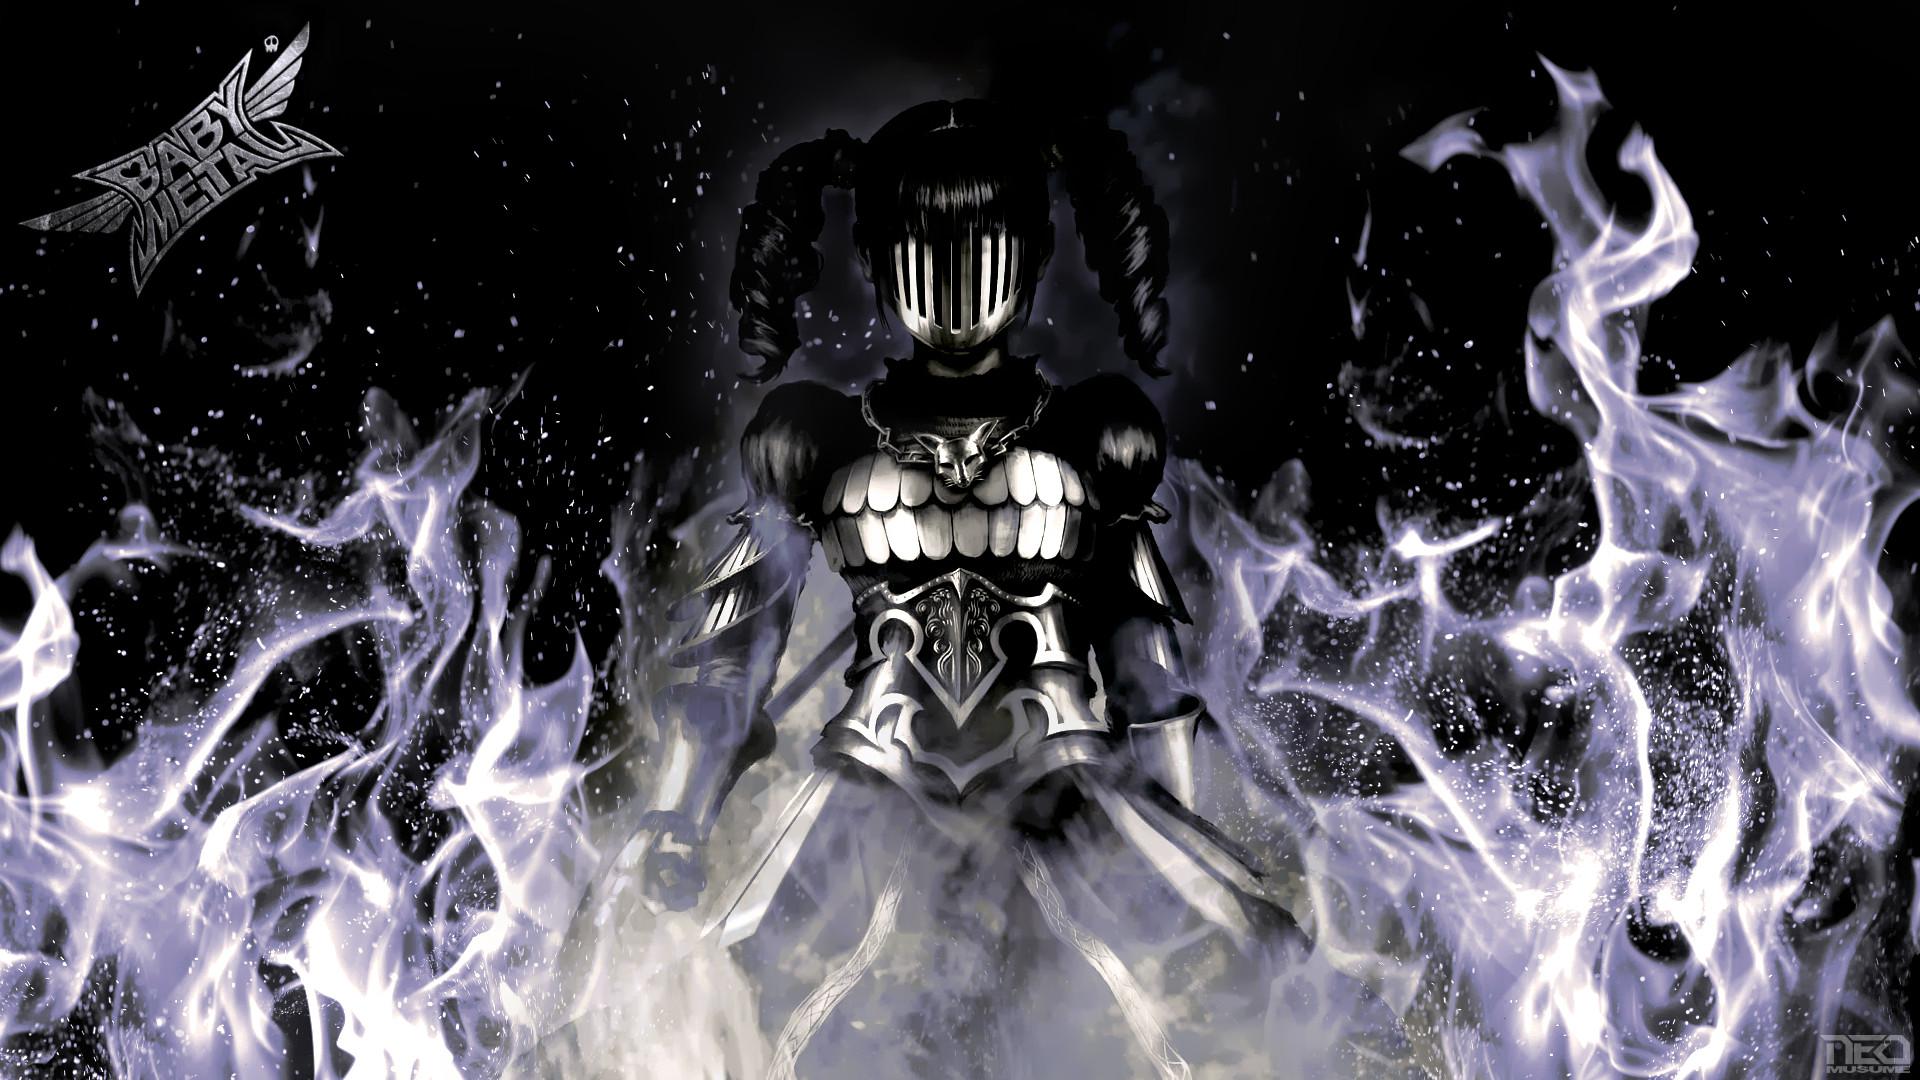 BABYMETAL Metallic by NEO-Musume BABYMETAL Metallic by NEO-Musume